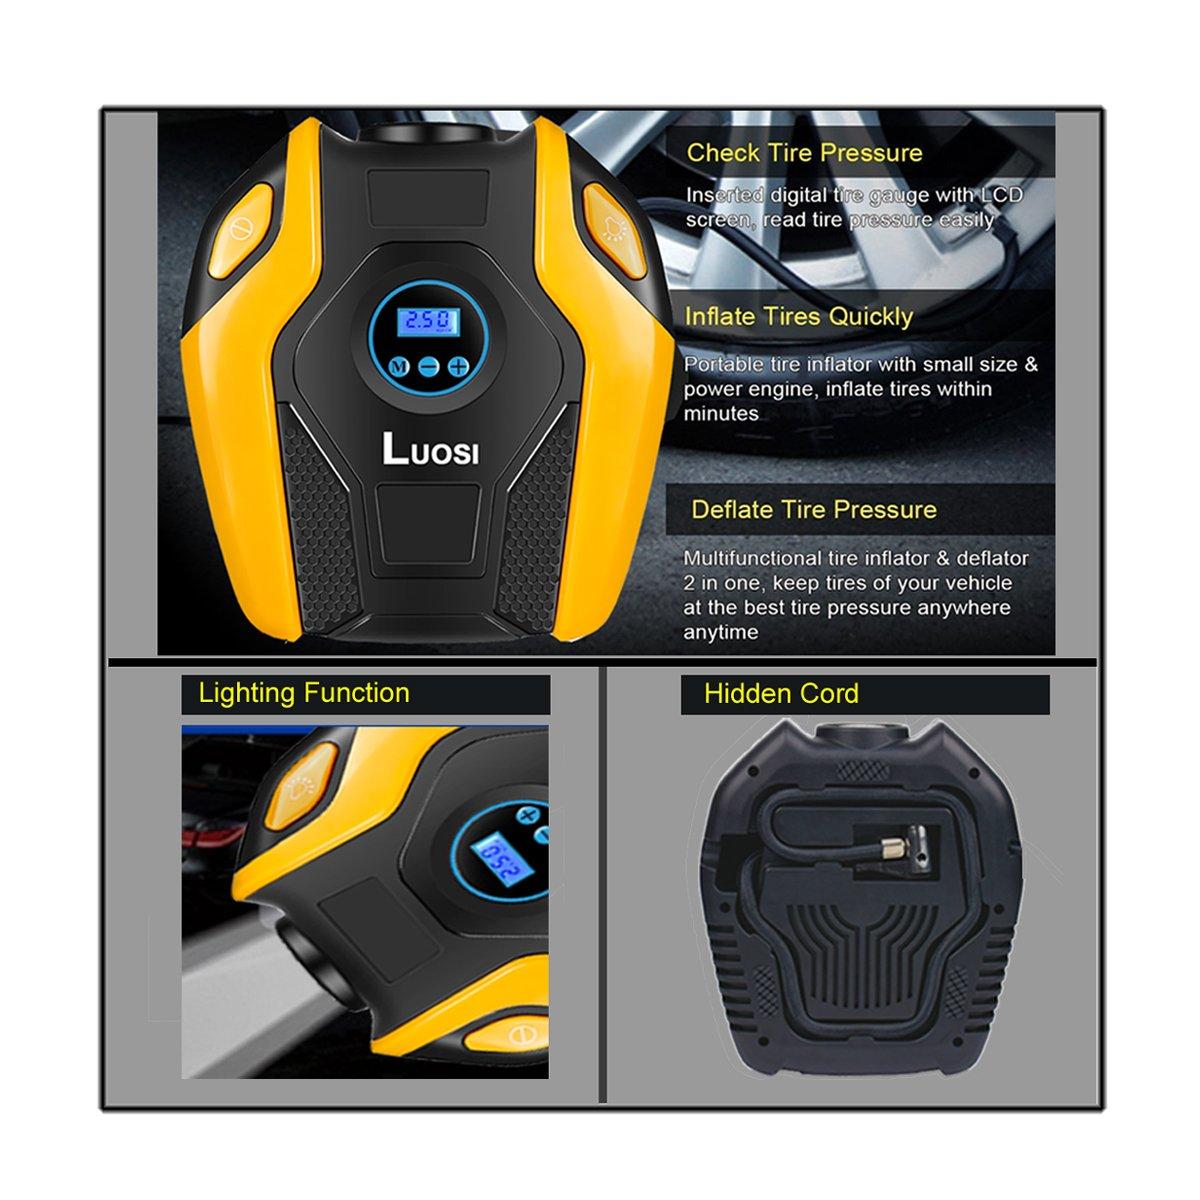 Amazon.es: Luosi Compresor de Aire Portátil Auto Pantalla con Digital Inflado de Neumático 12V DC 150PSI (Naranja)